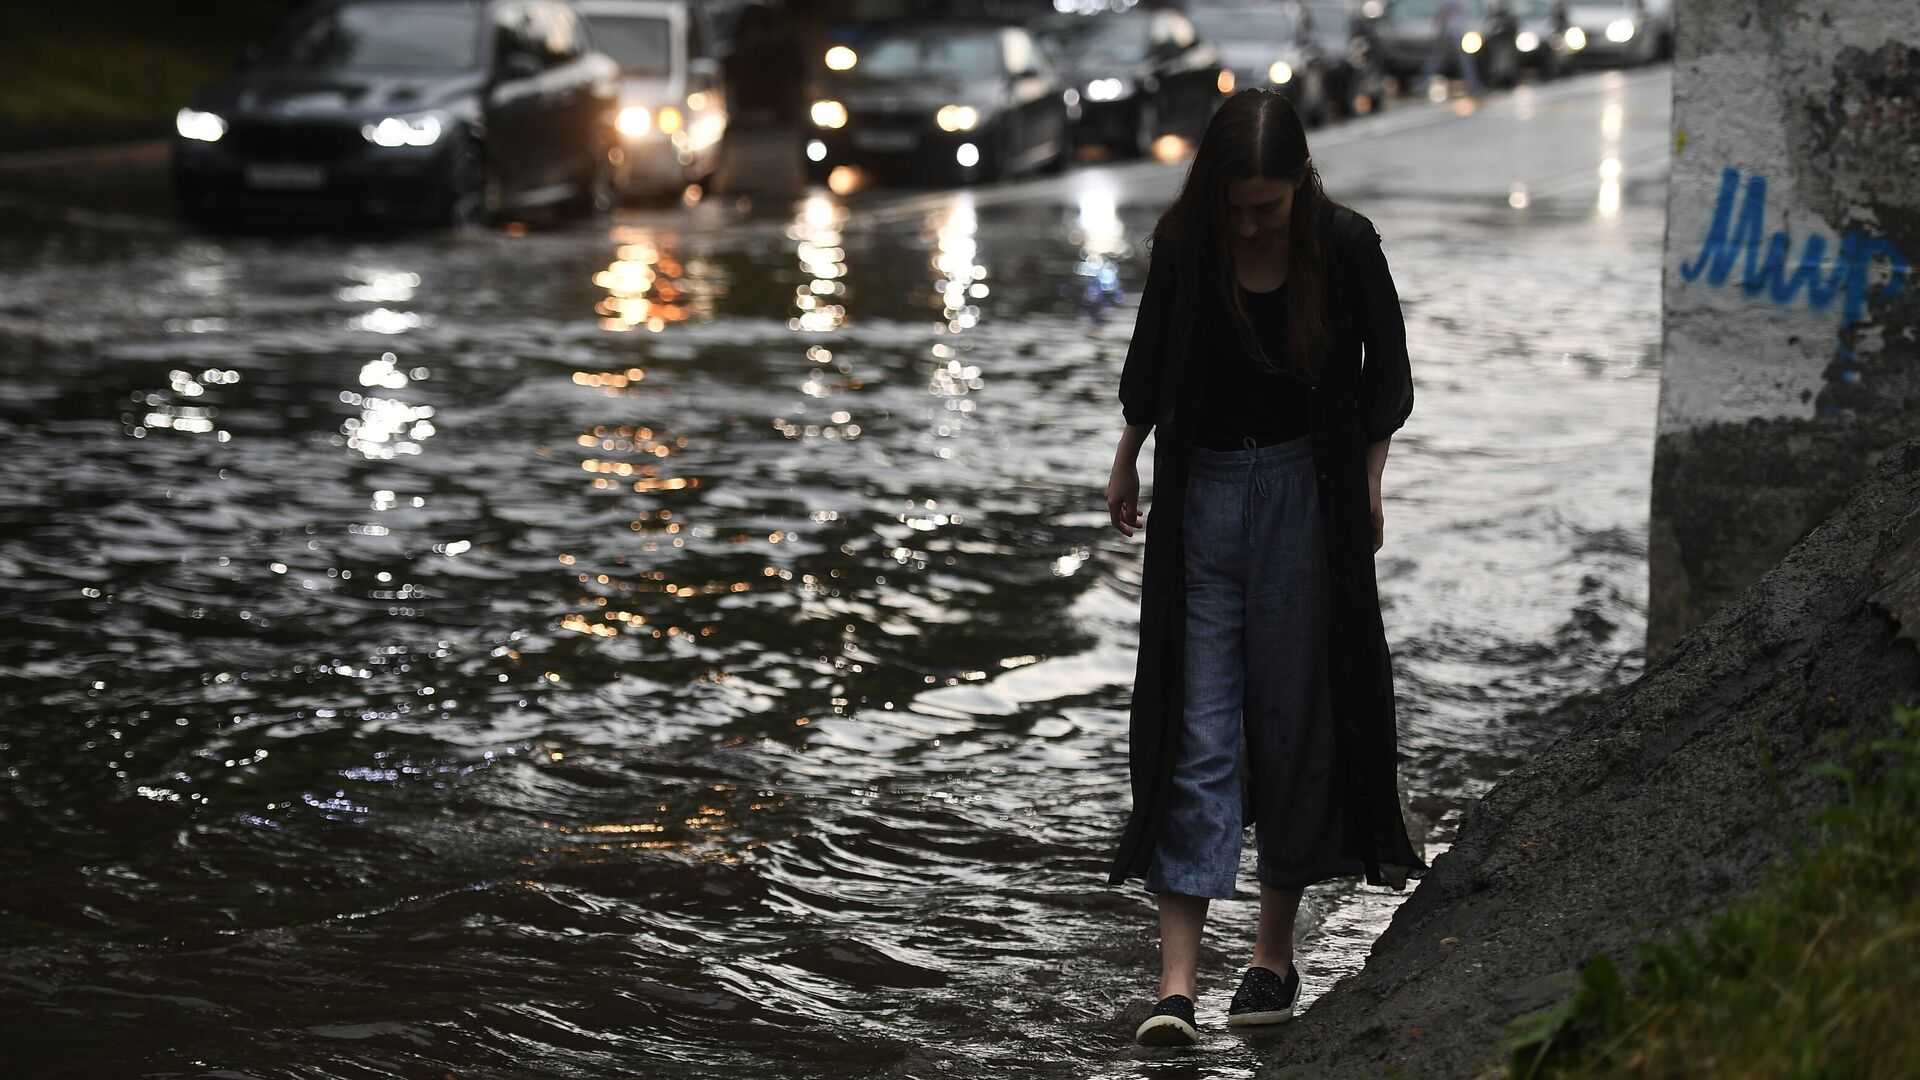 Девушка идет по одной из улиц в Москве во время дождя - РИА Новости, 1920, 18.09.2021